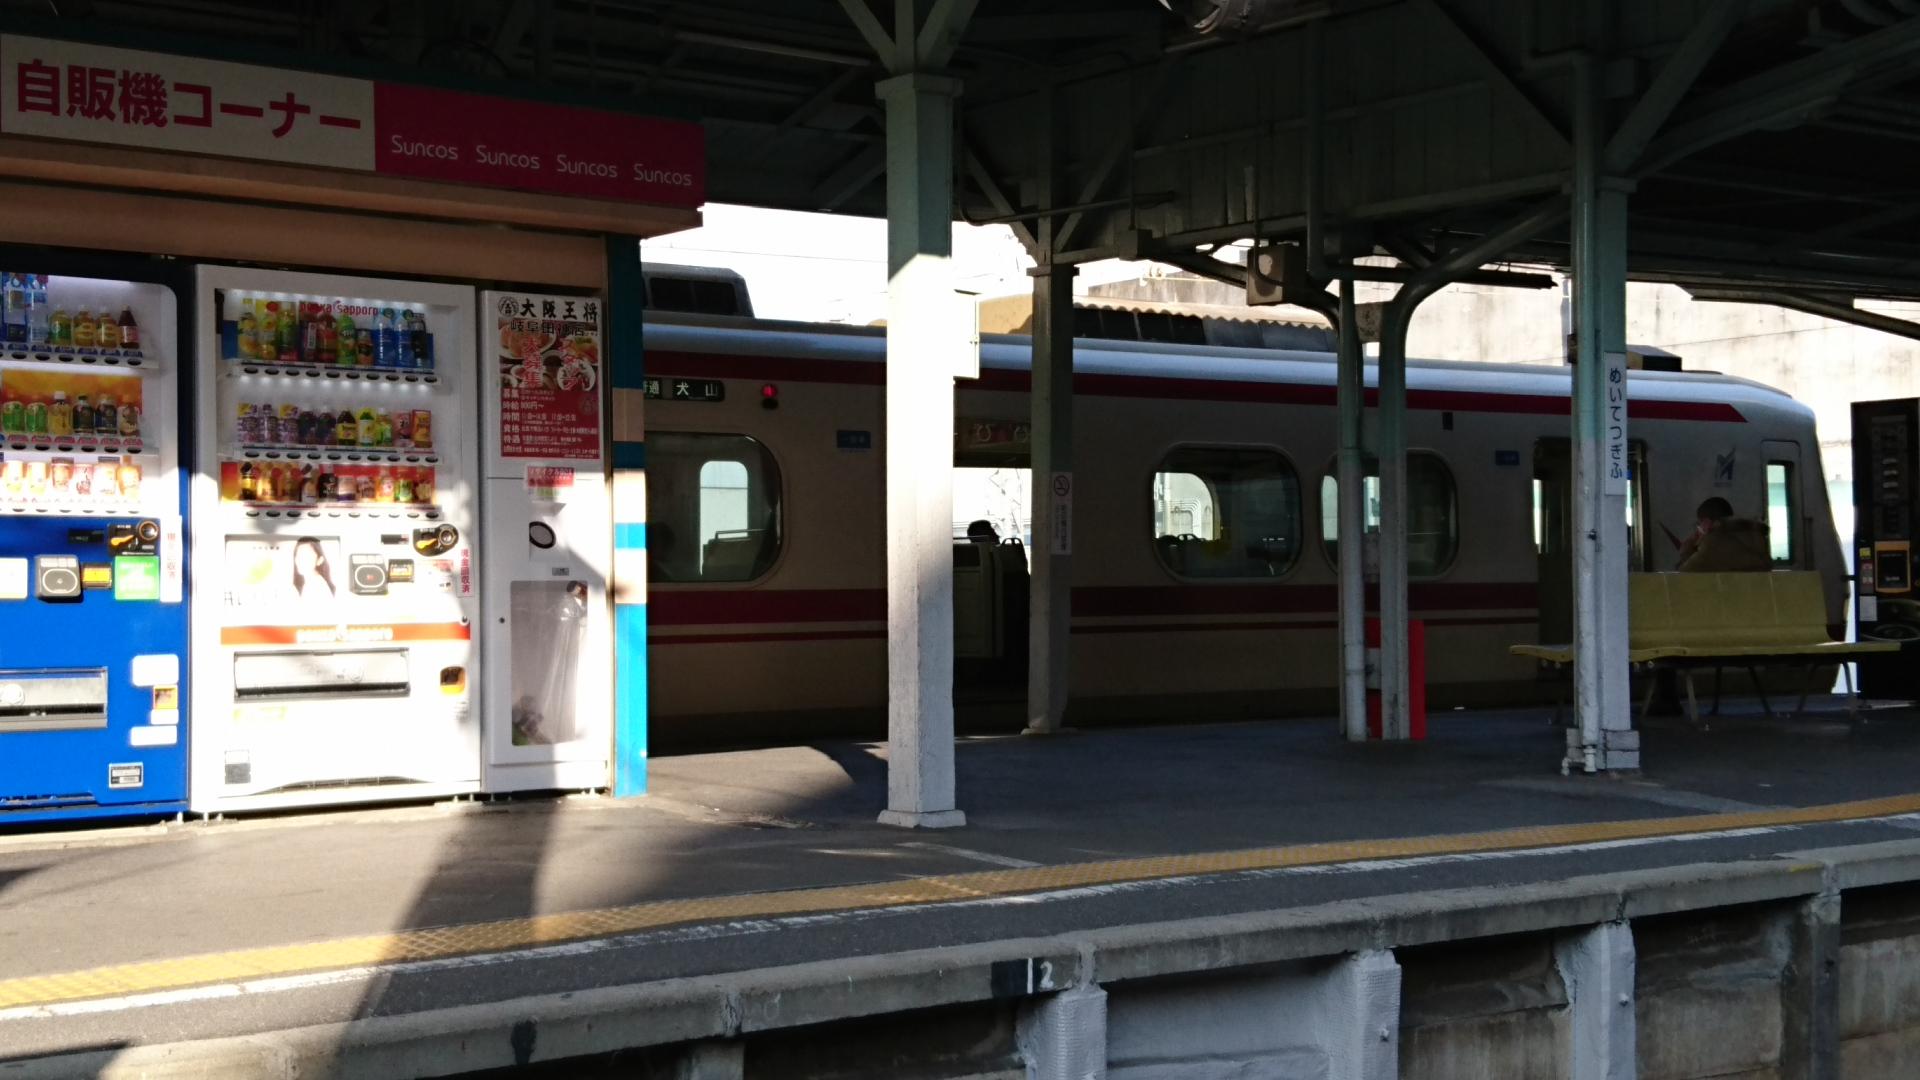 2017.1.3 岐阜まで (43) 岐阜 - 犬山いきふつう 1920-1080